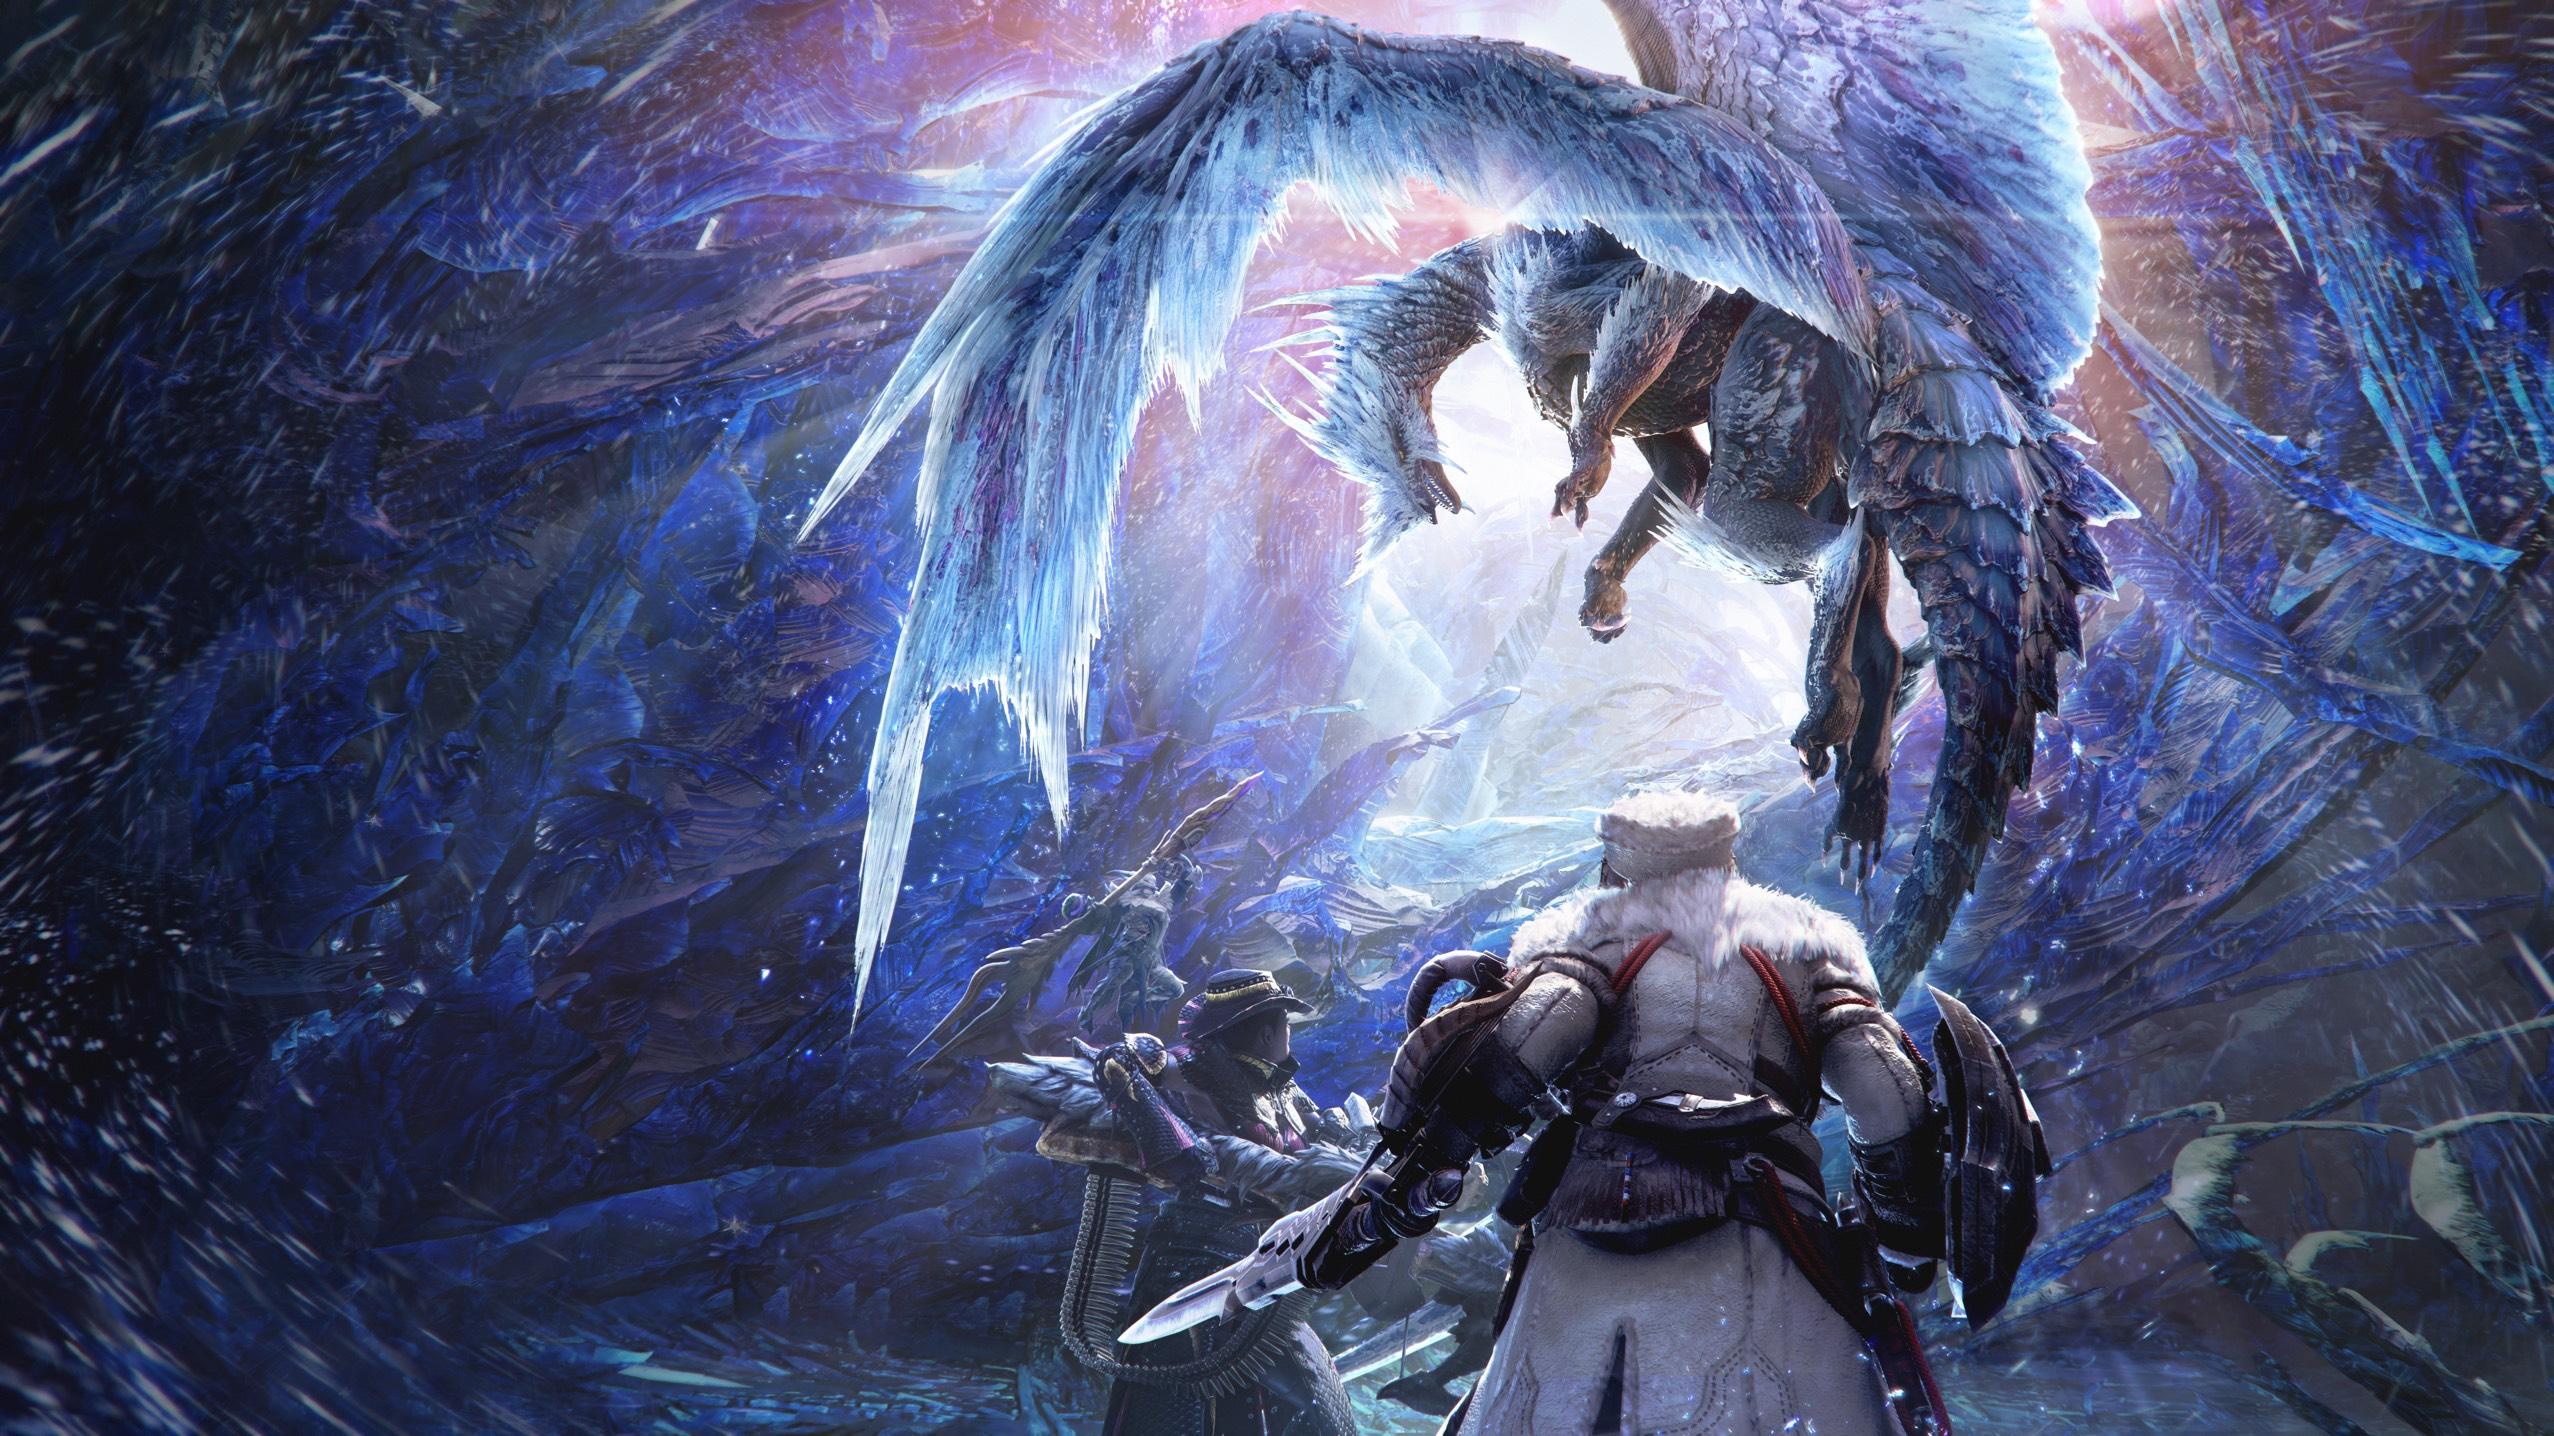 Artwork From Monster Hunter World Iceborne Featuring Elder Dragon